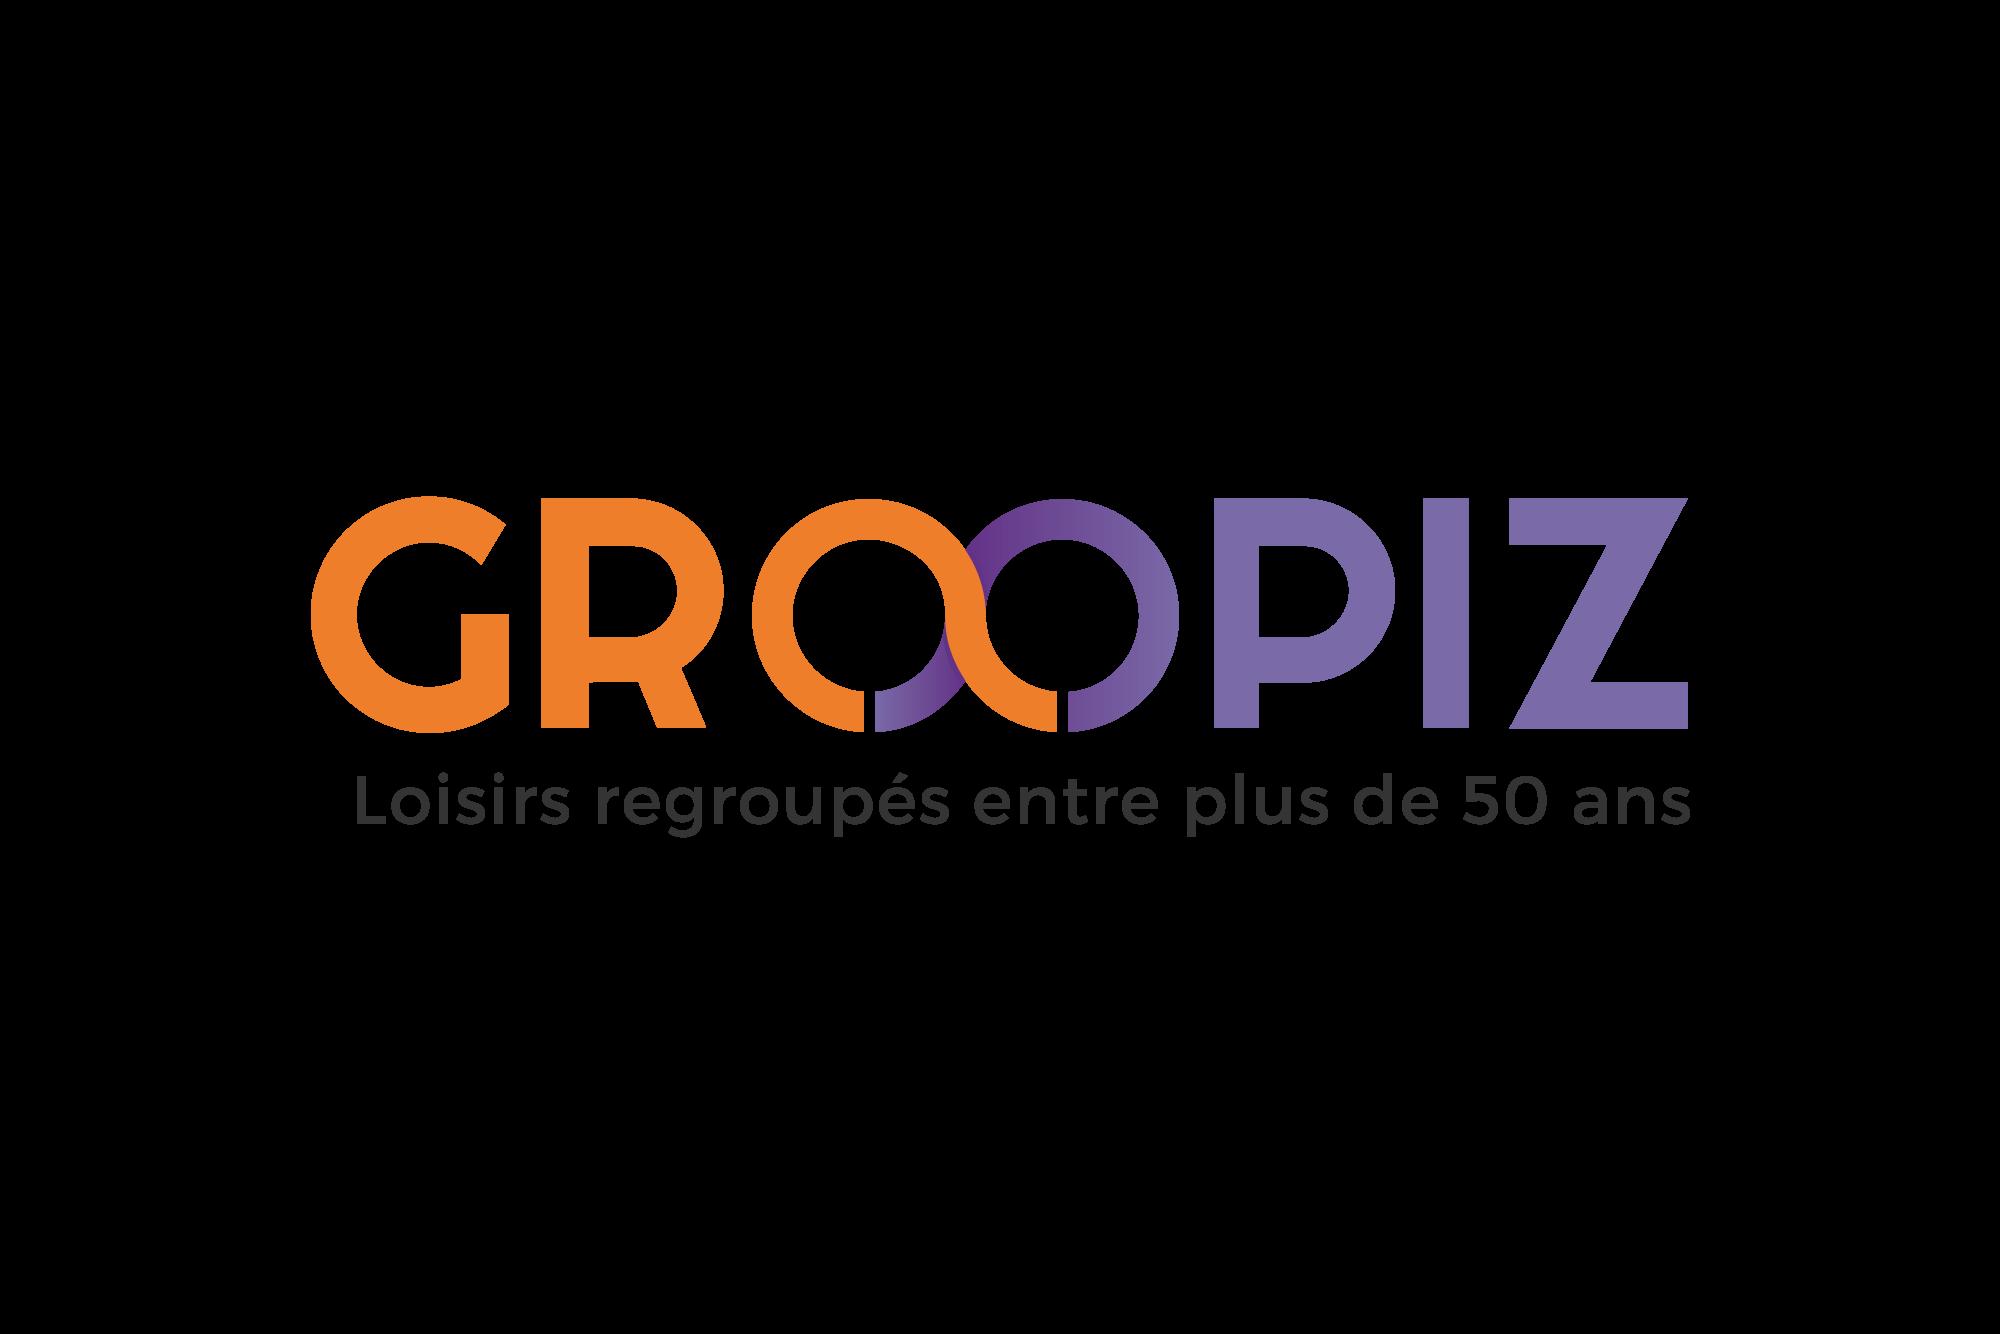 groopiz-logo.png